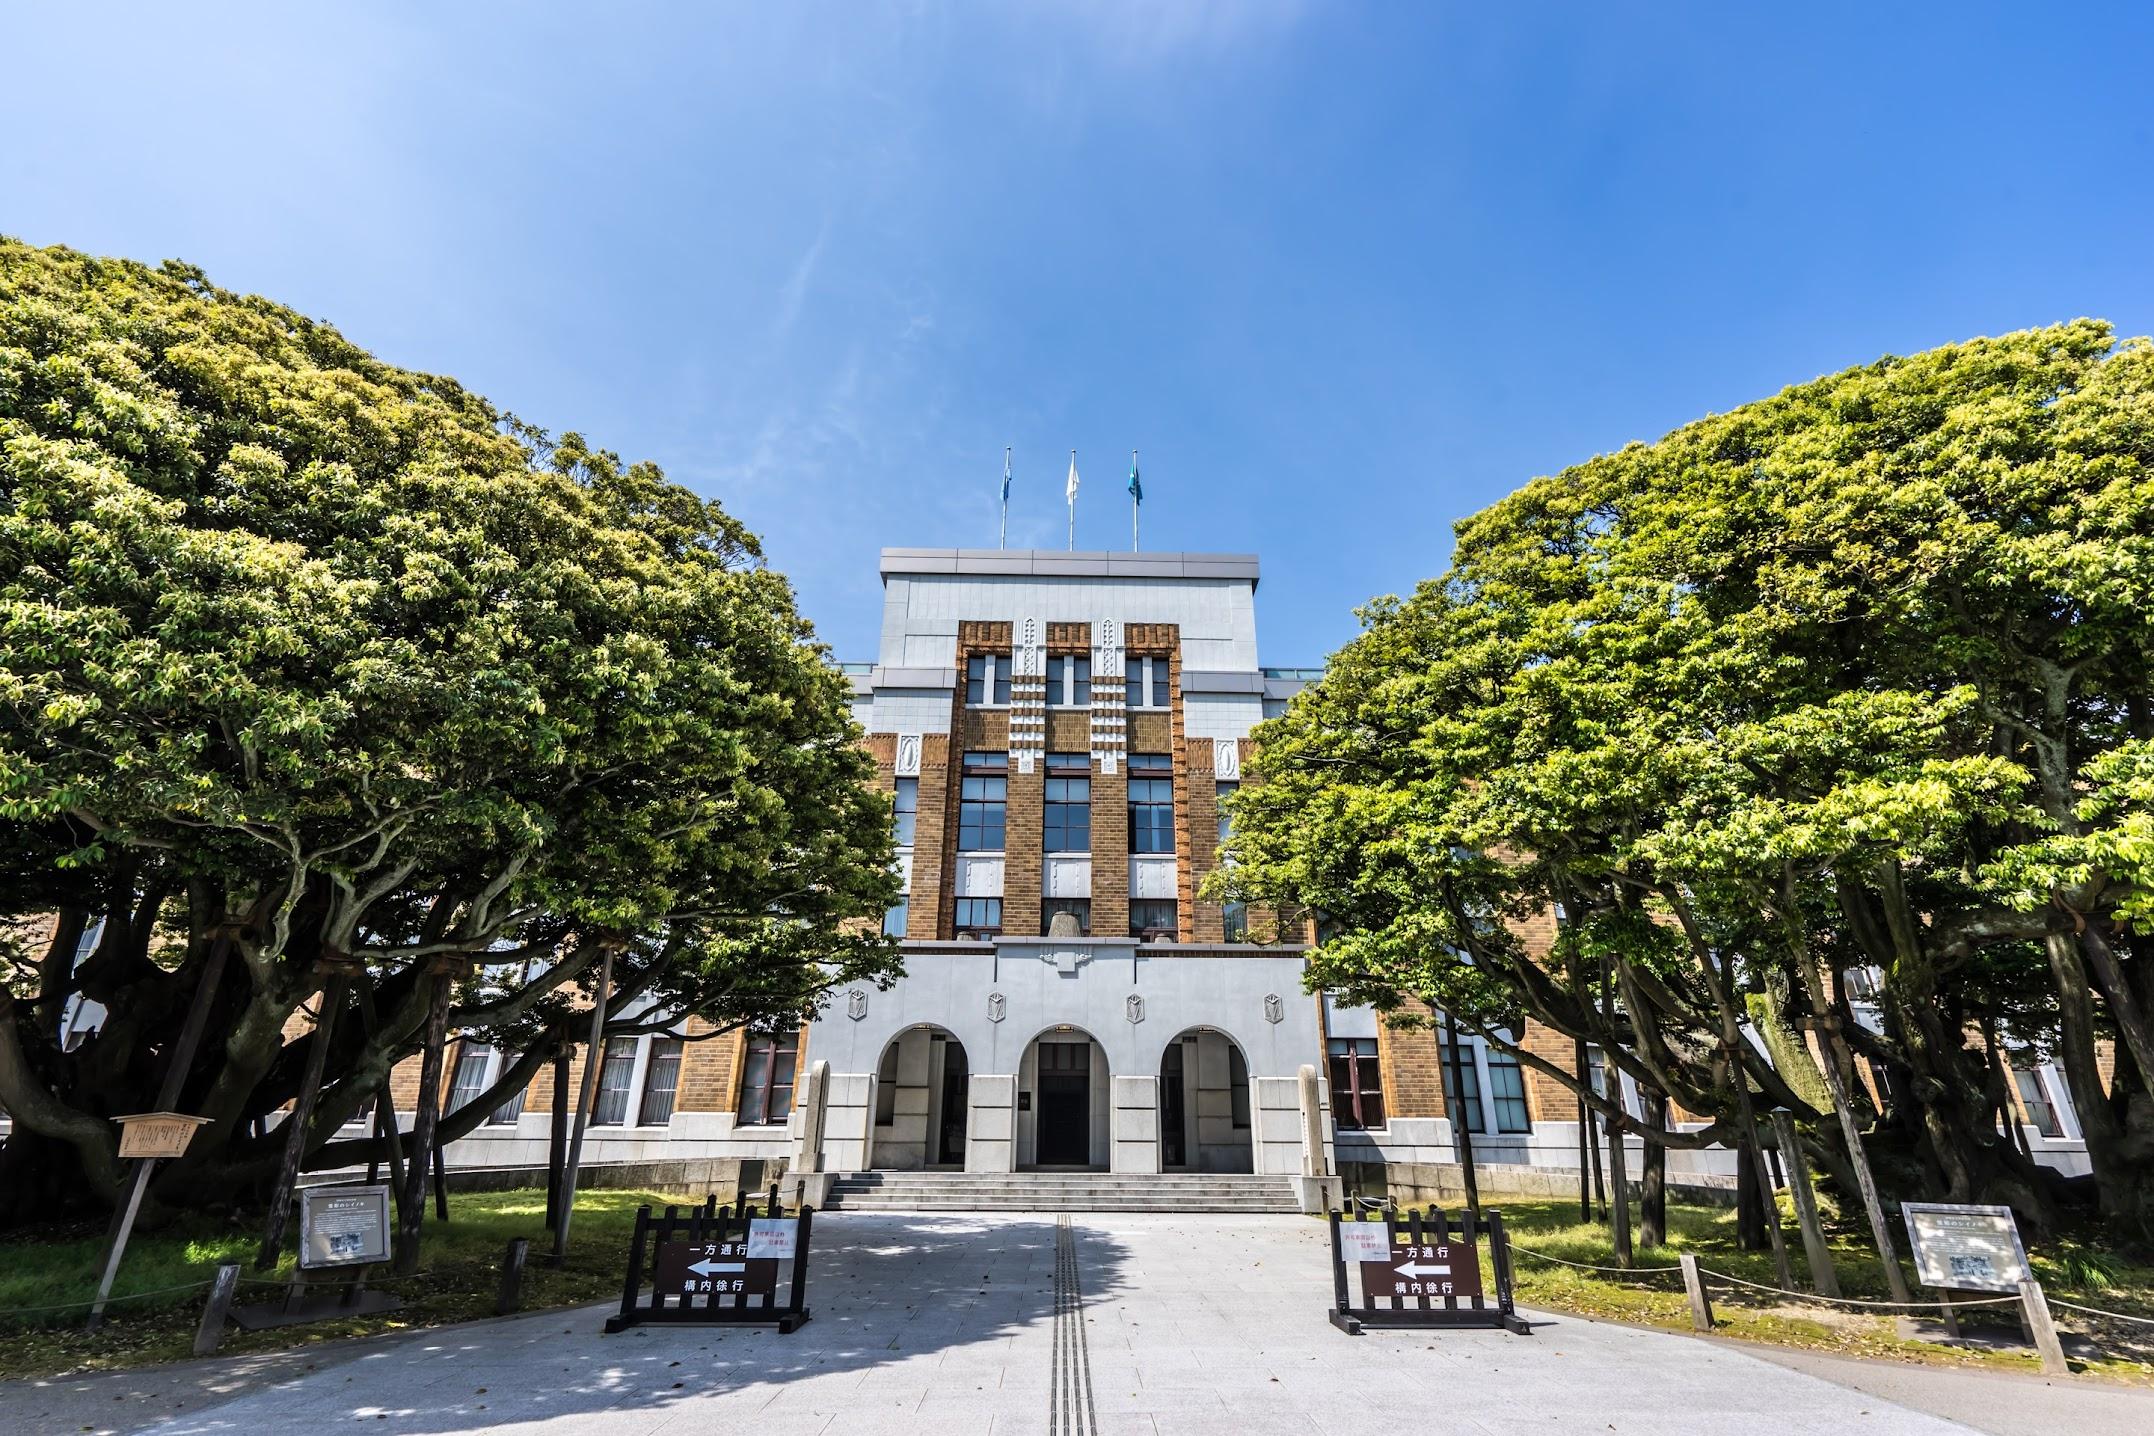 金沢 石川県政記念しいのき迎賓館